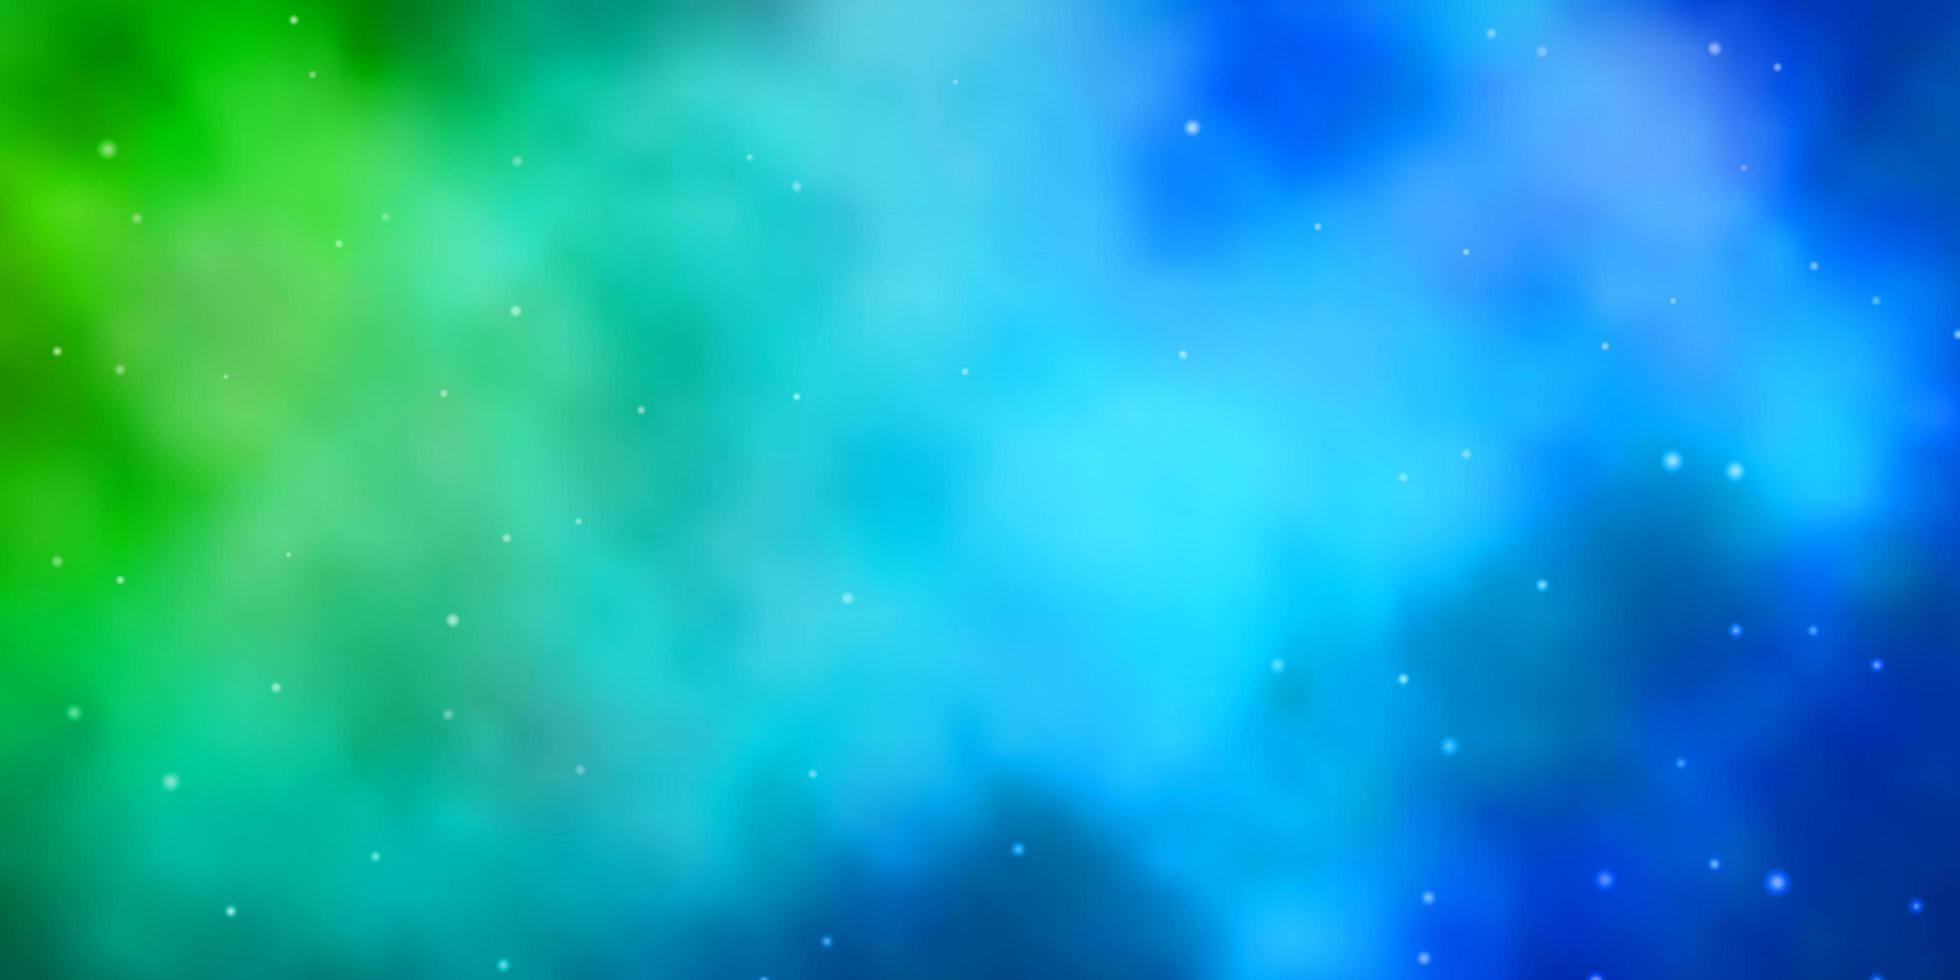 layout azul claro e verde com estrelas brilhantes. vetor